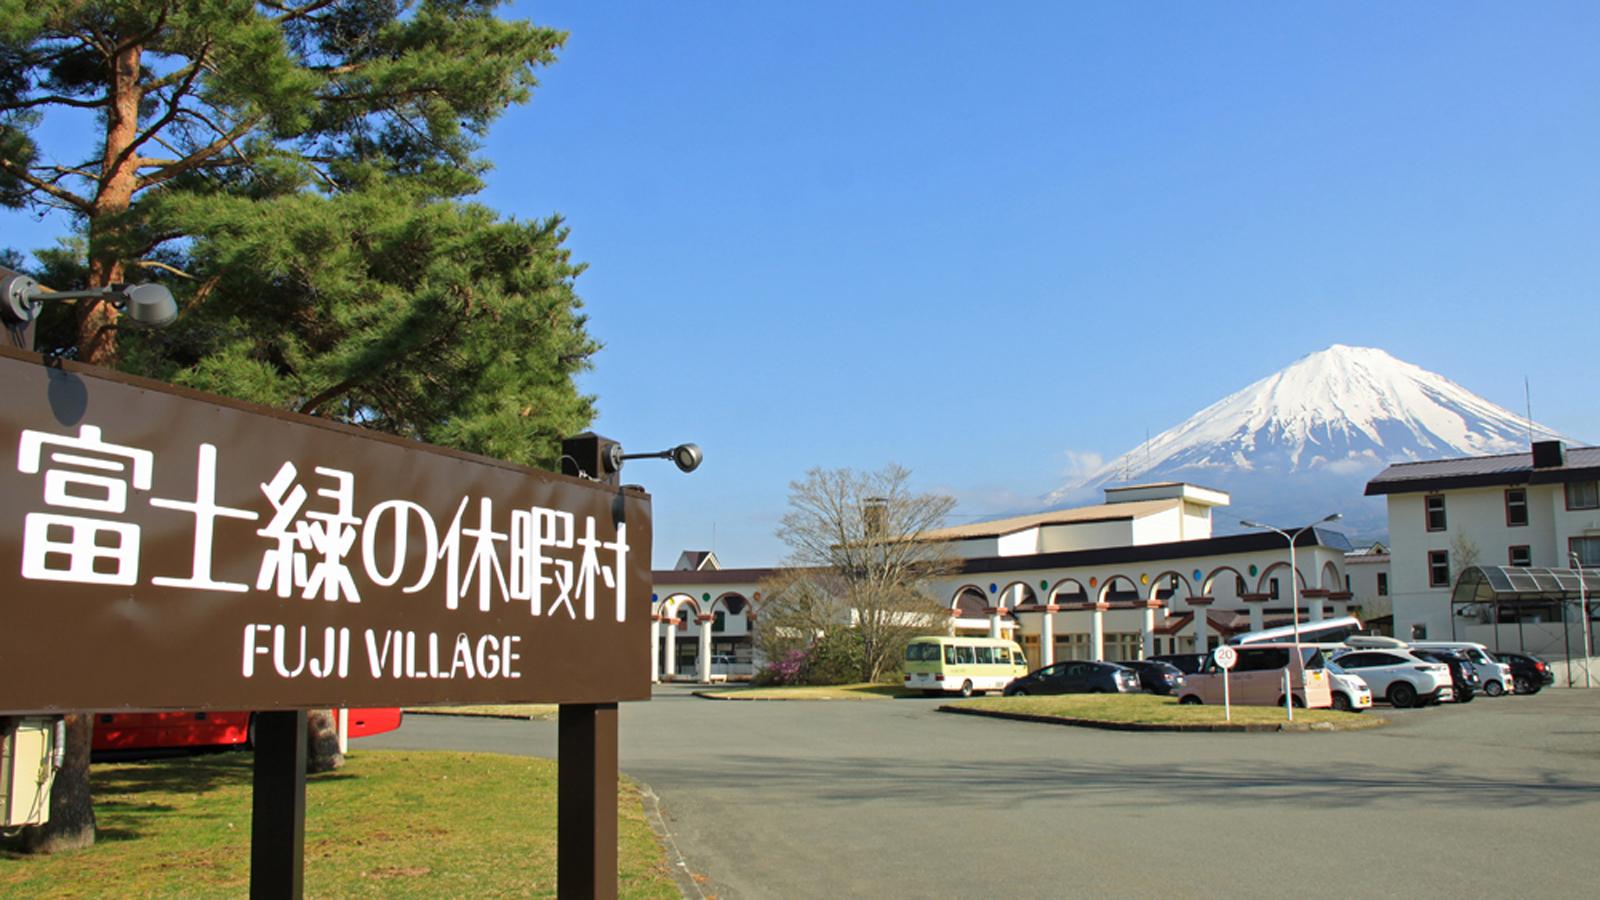 富士緑の休暇村 スライド1枚目